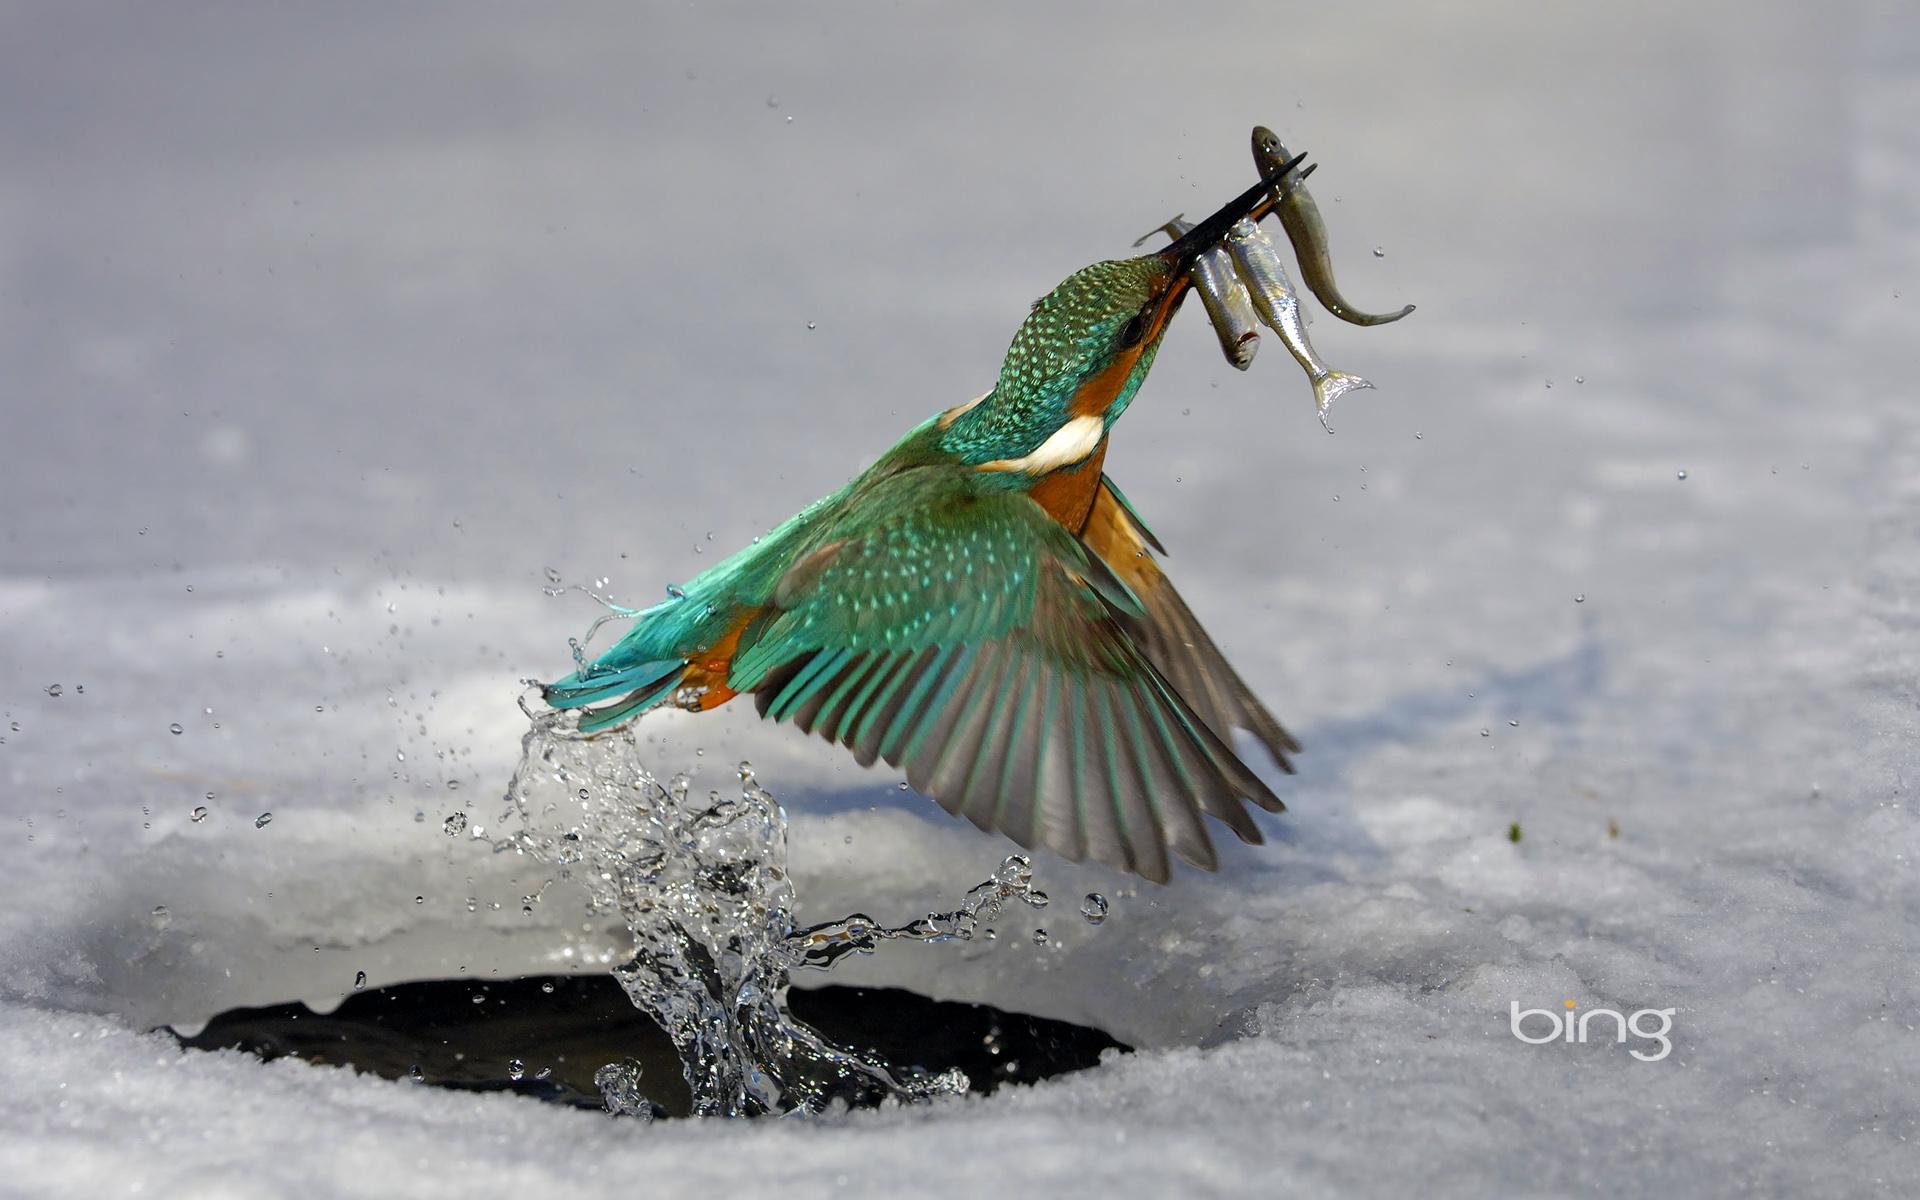 water birds bing wallpaper - photo #1